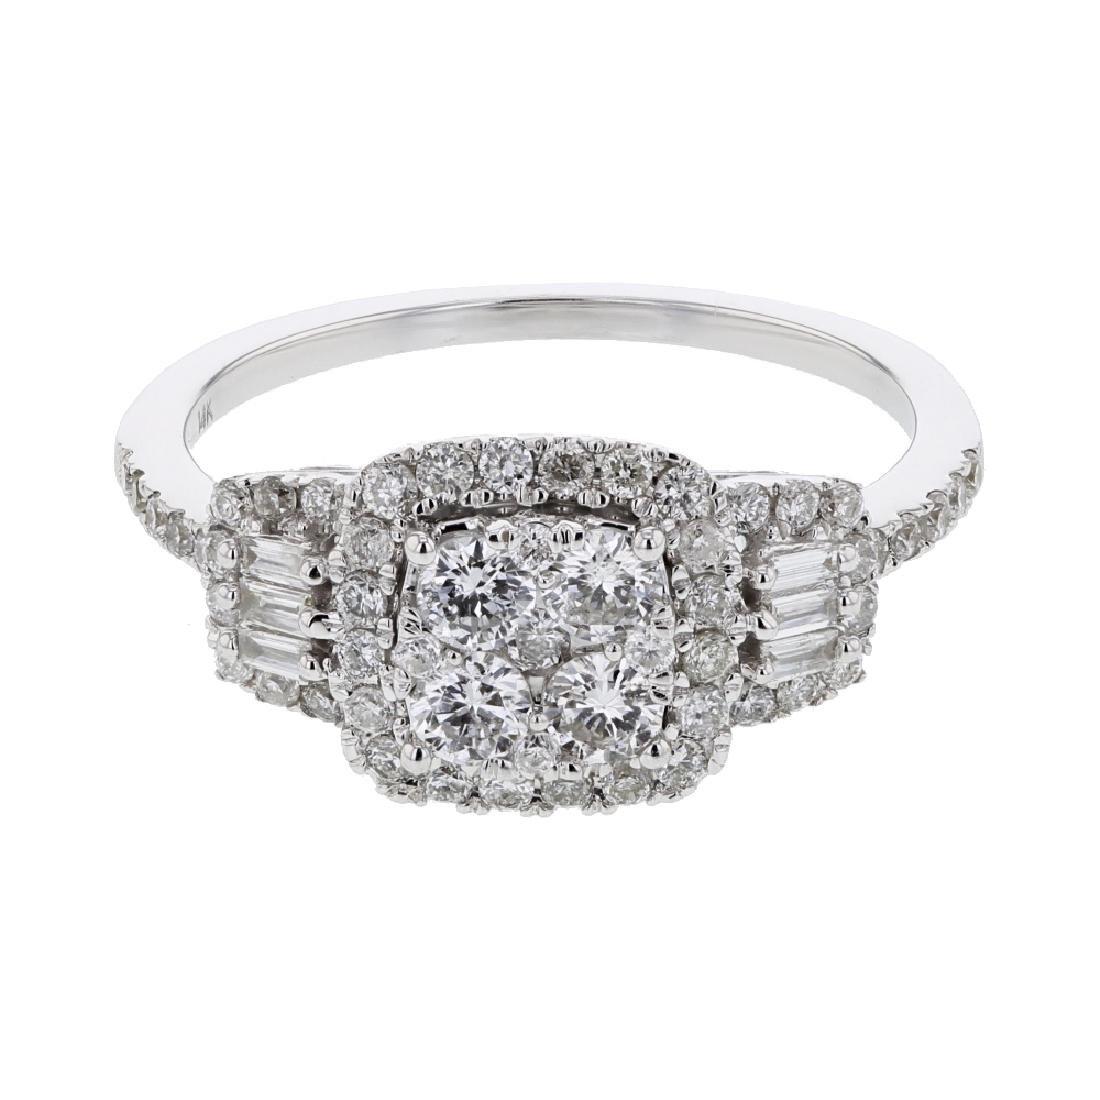 0.87 CTW 14K White Gold Ladies Ring